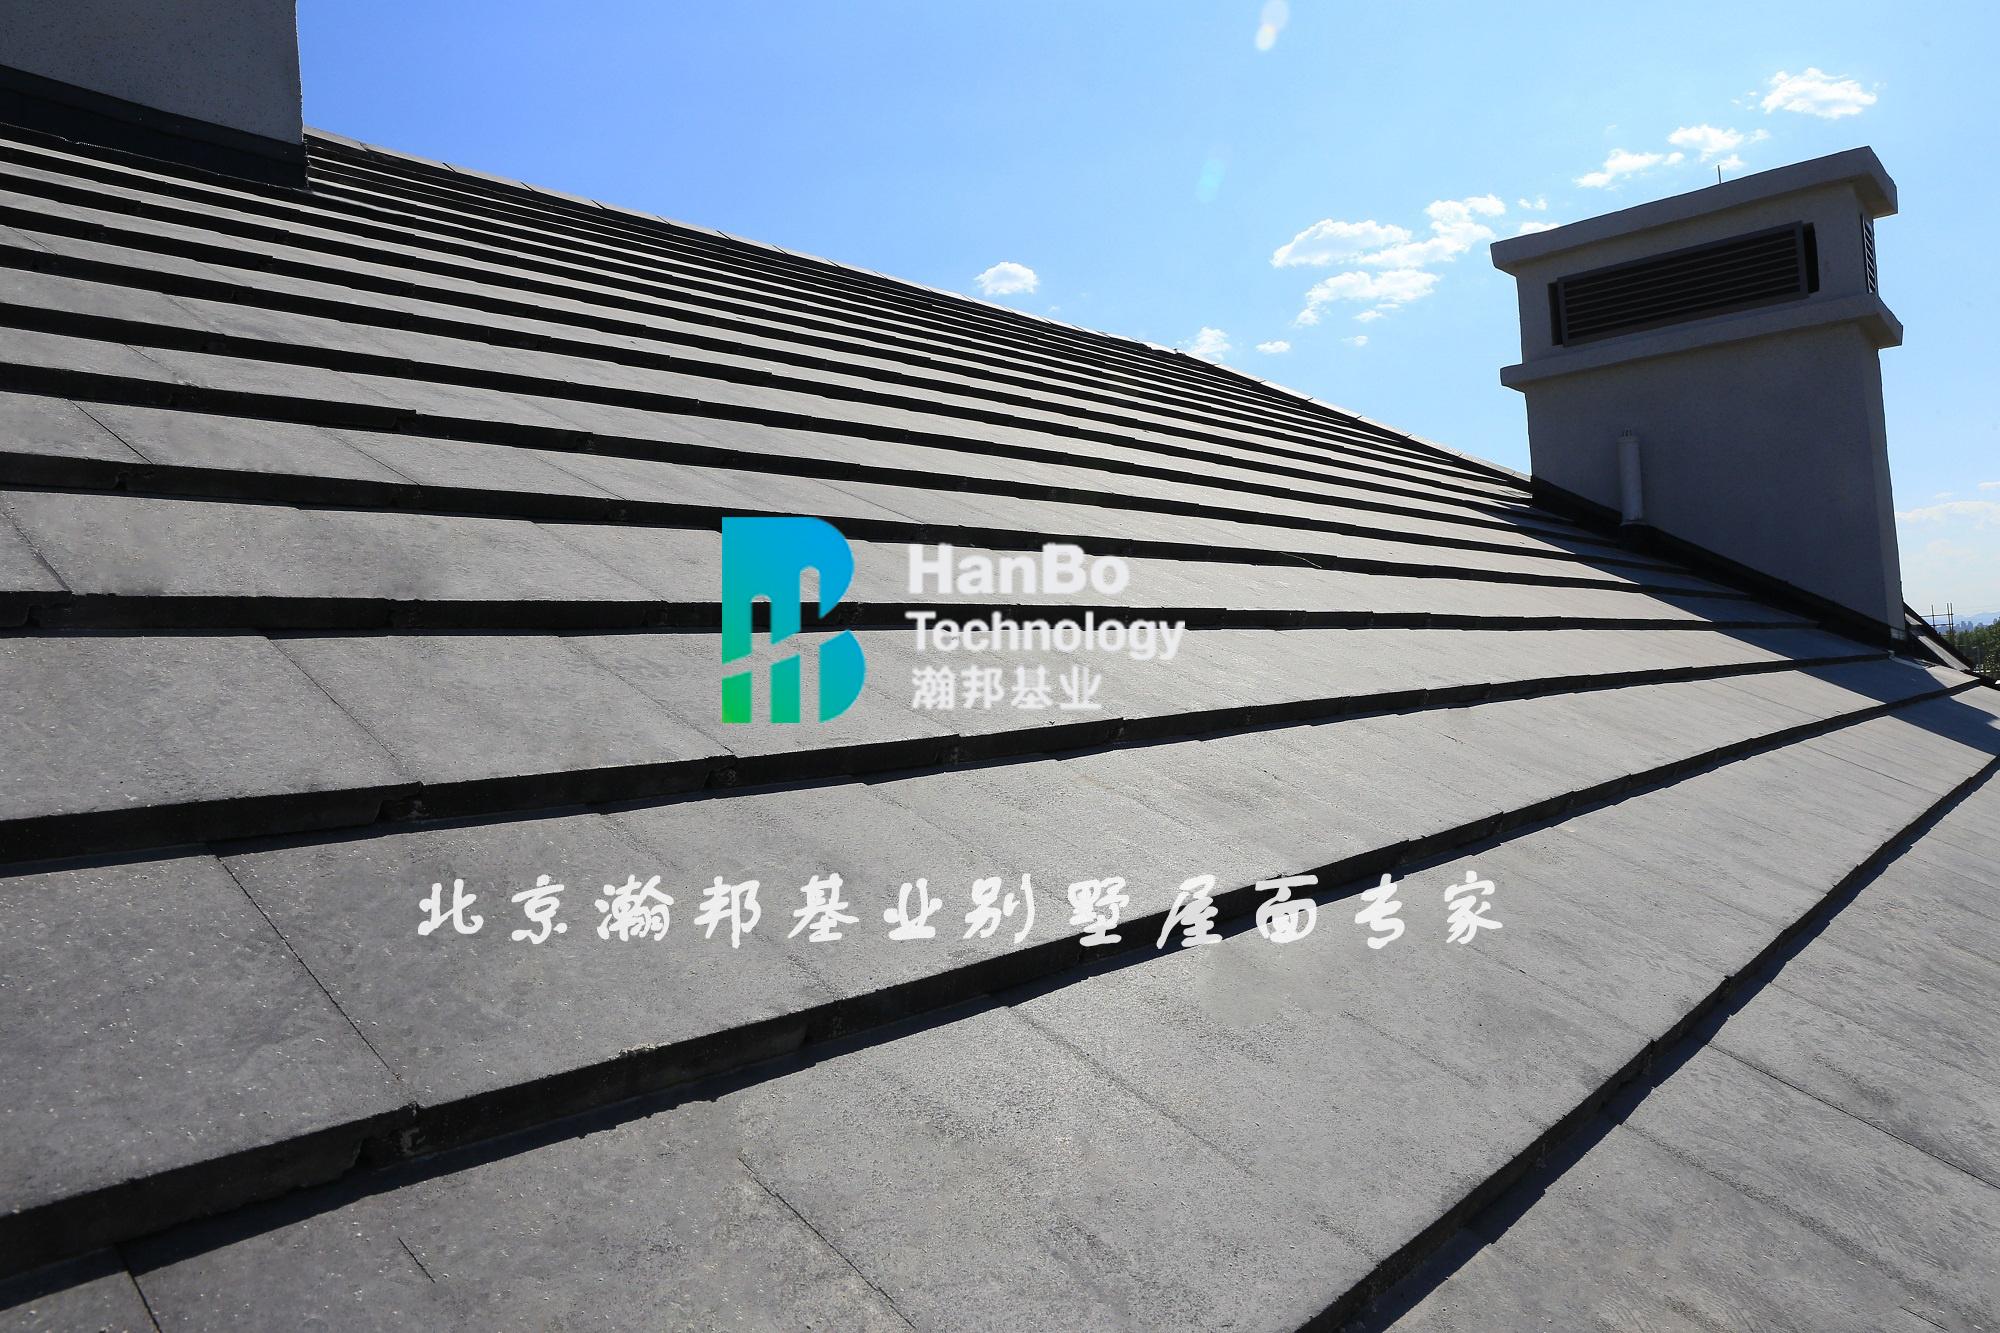 北京市水泥彩瓦厂-企汇网